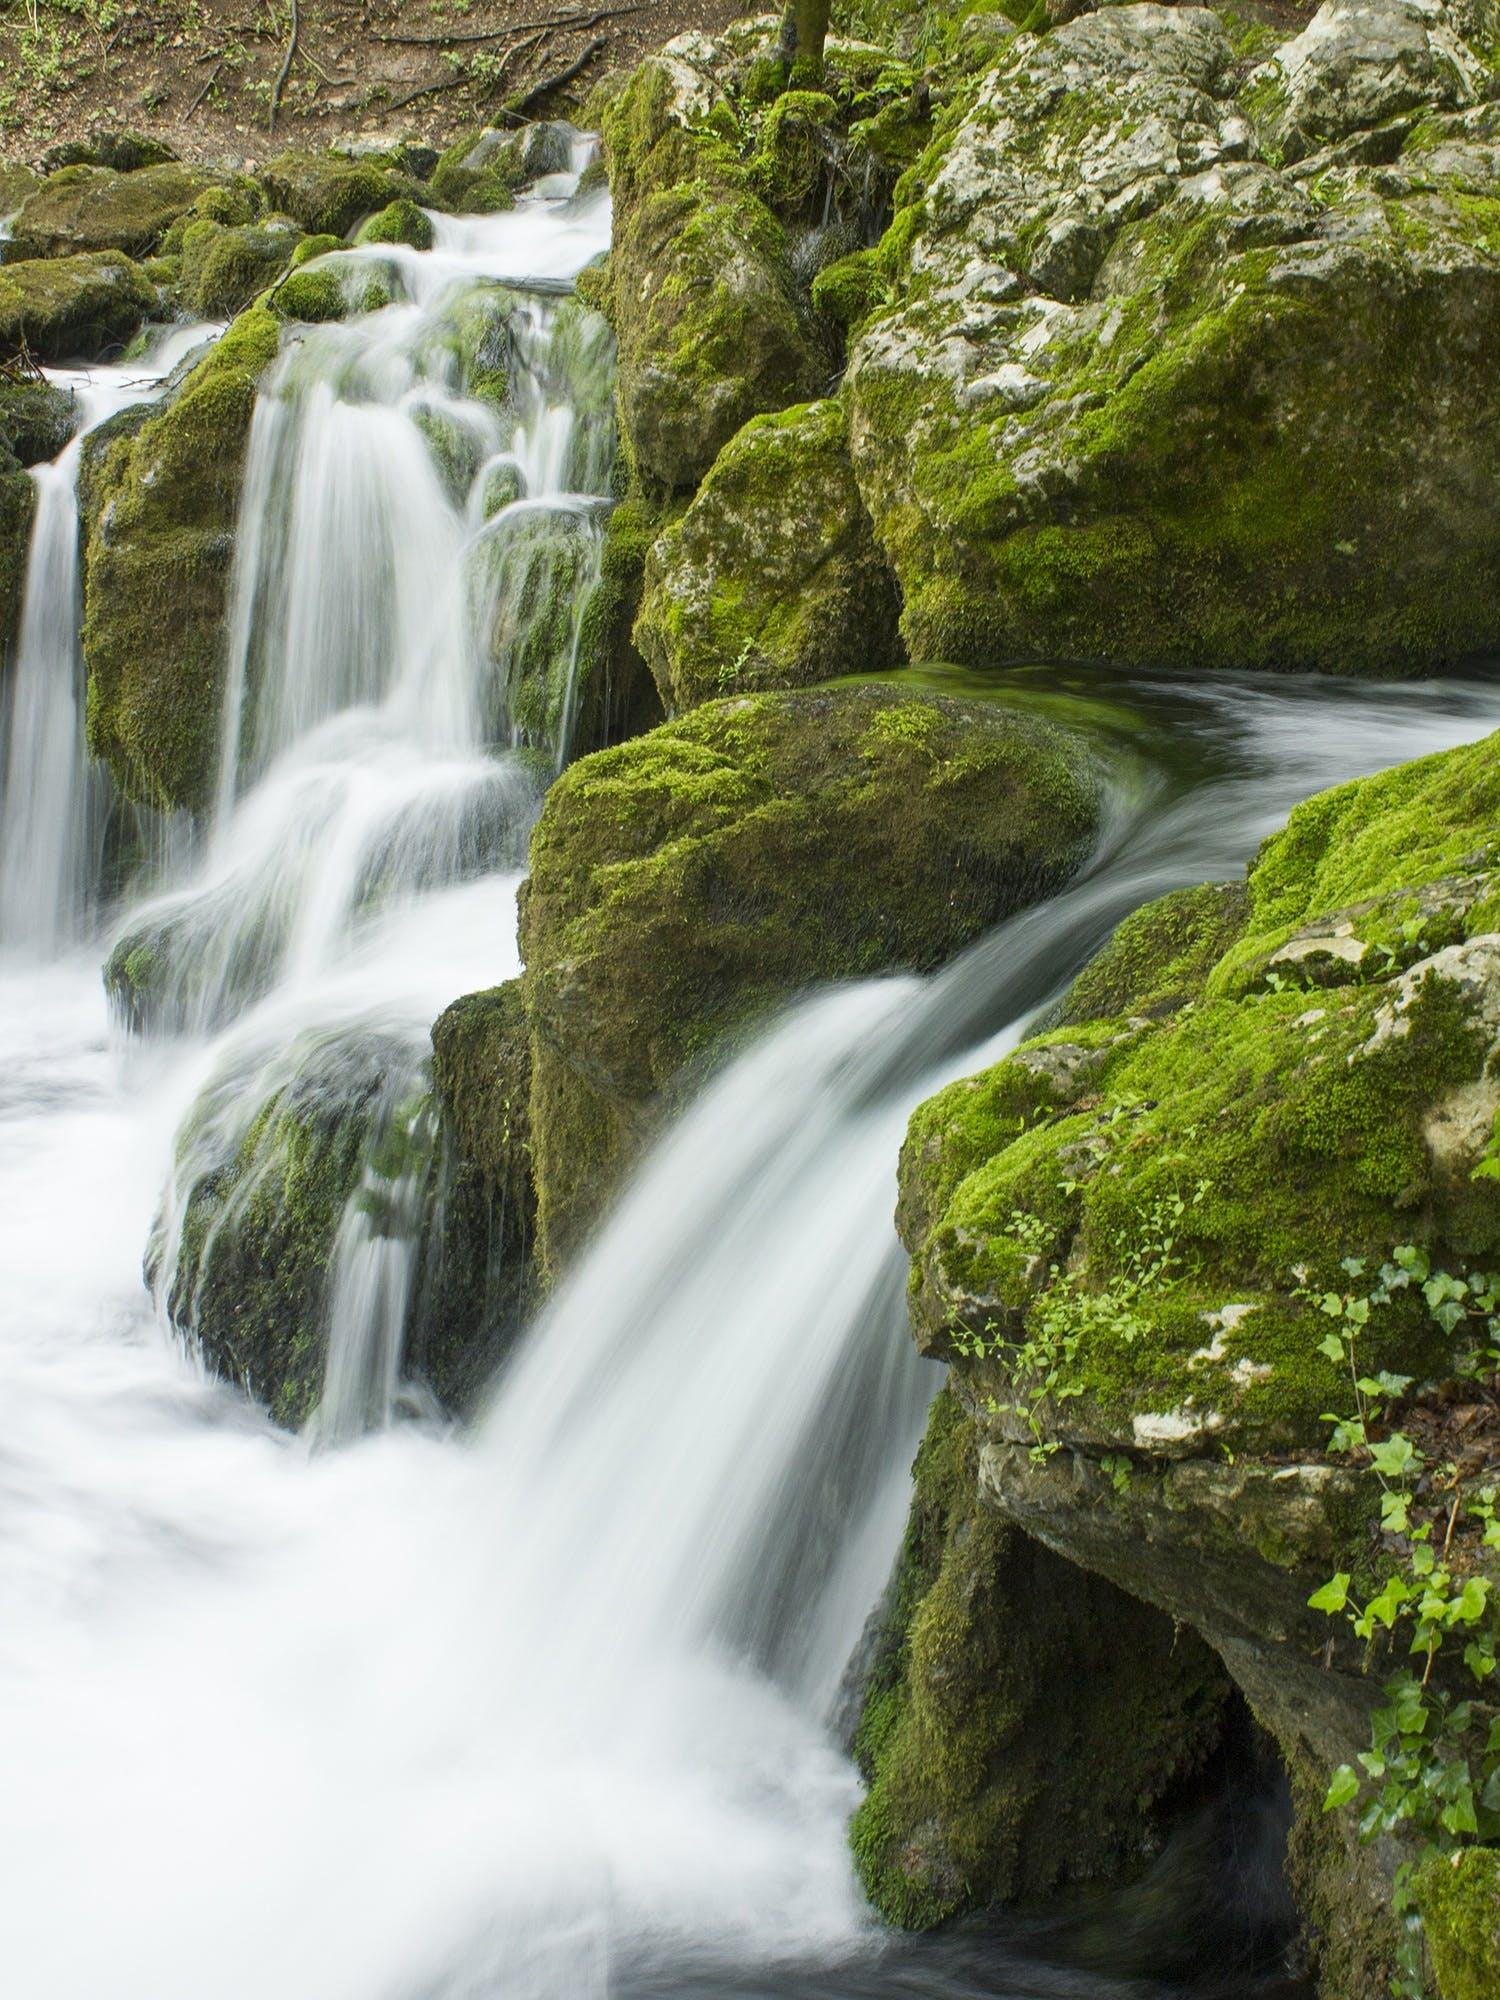 Foto d'estoc gratuïta de aigua, cascada, cascades, corrent